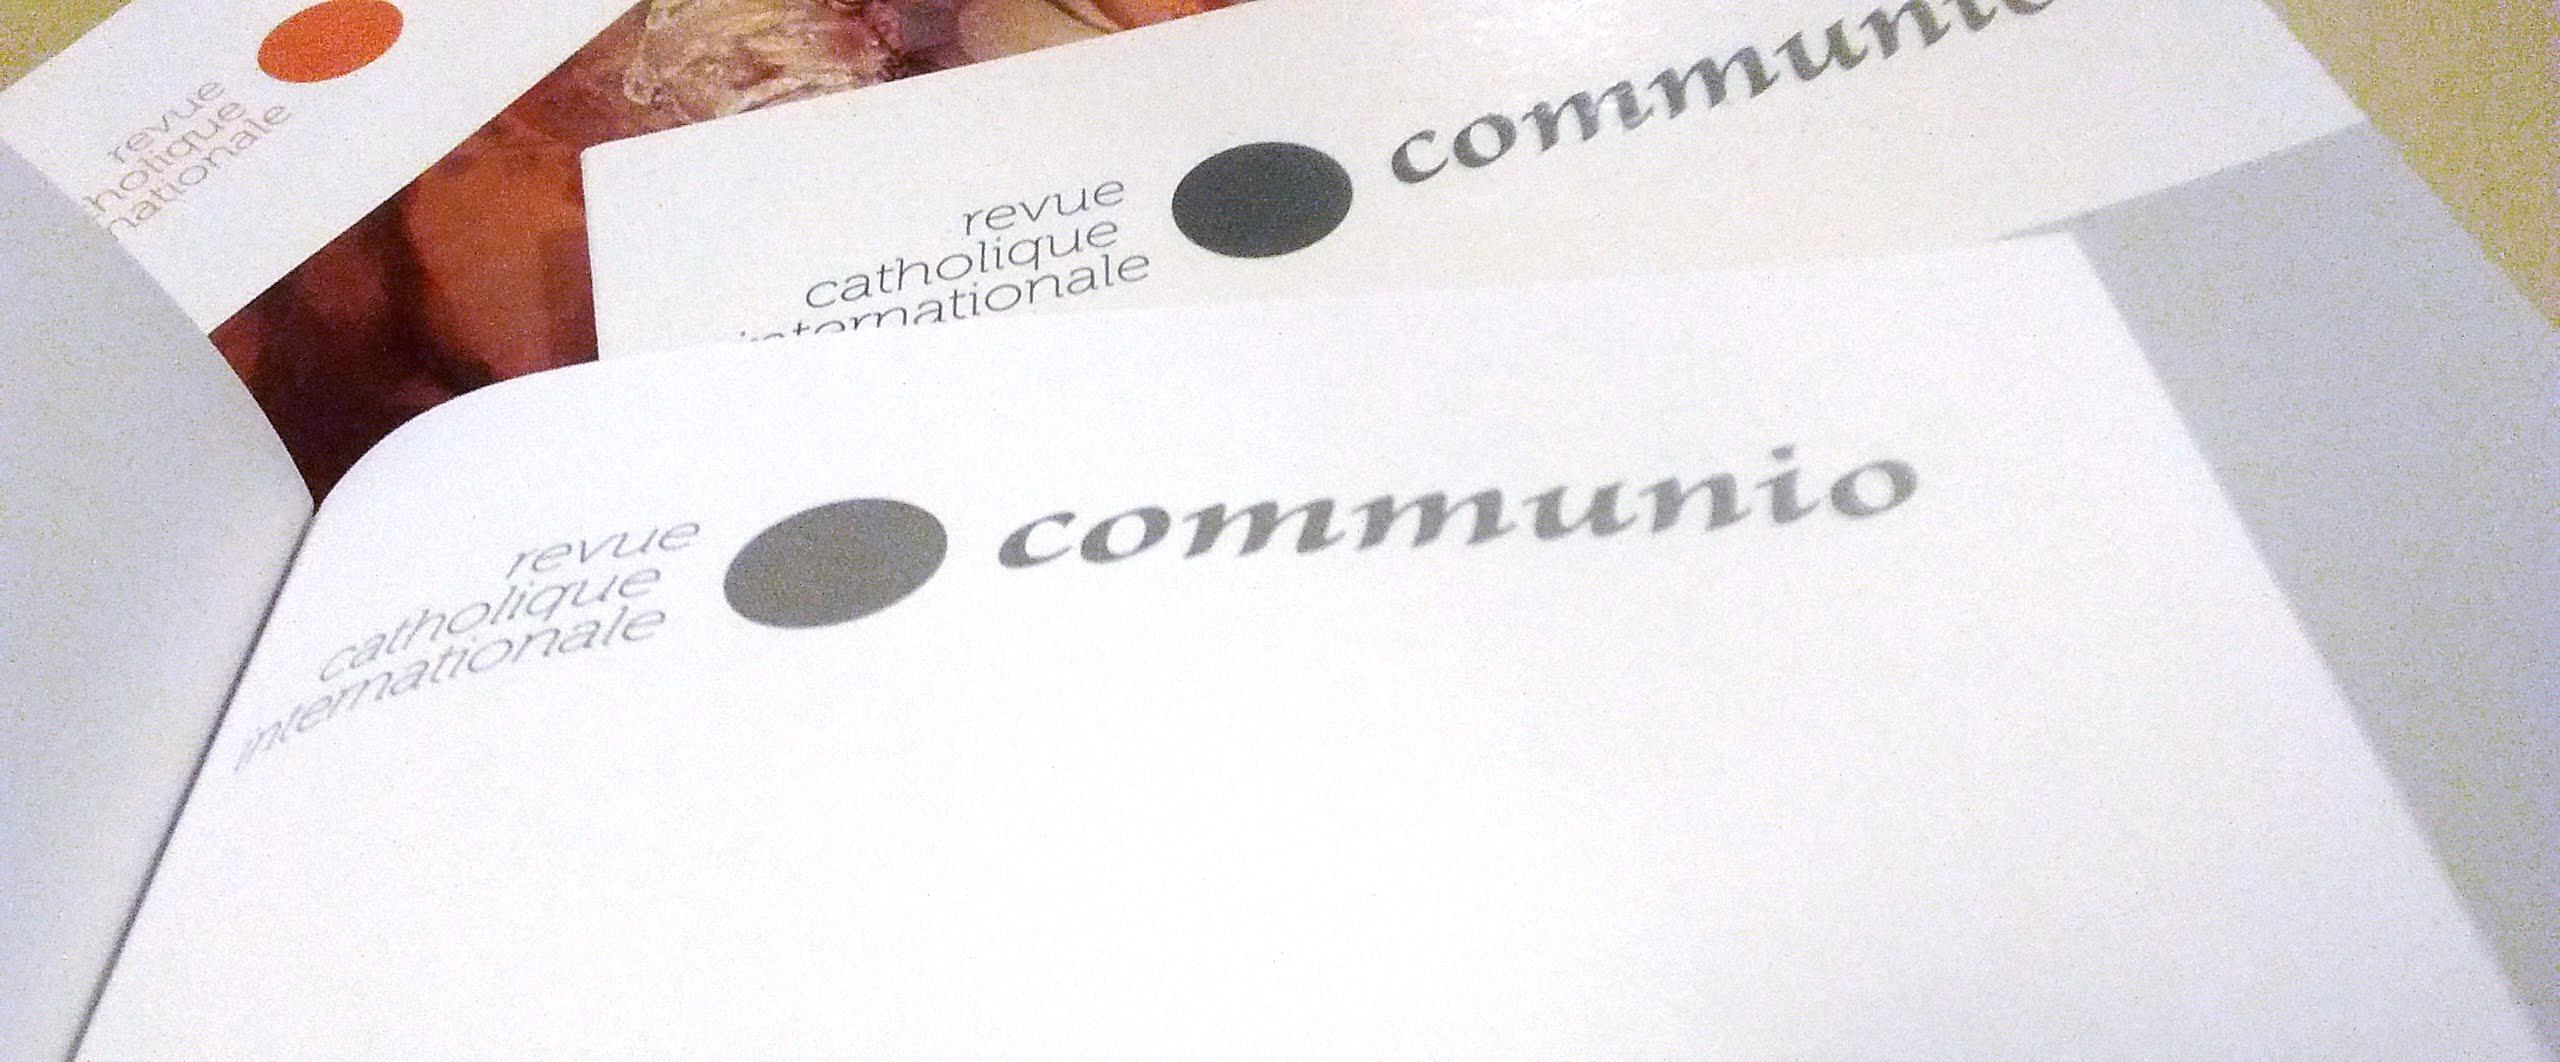 tetiaire-communio